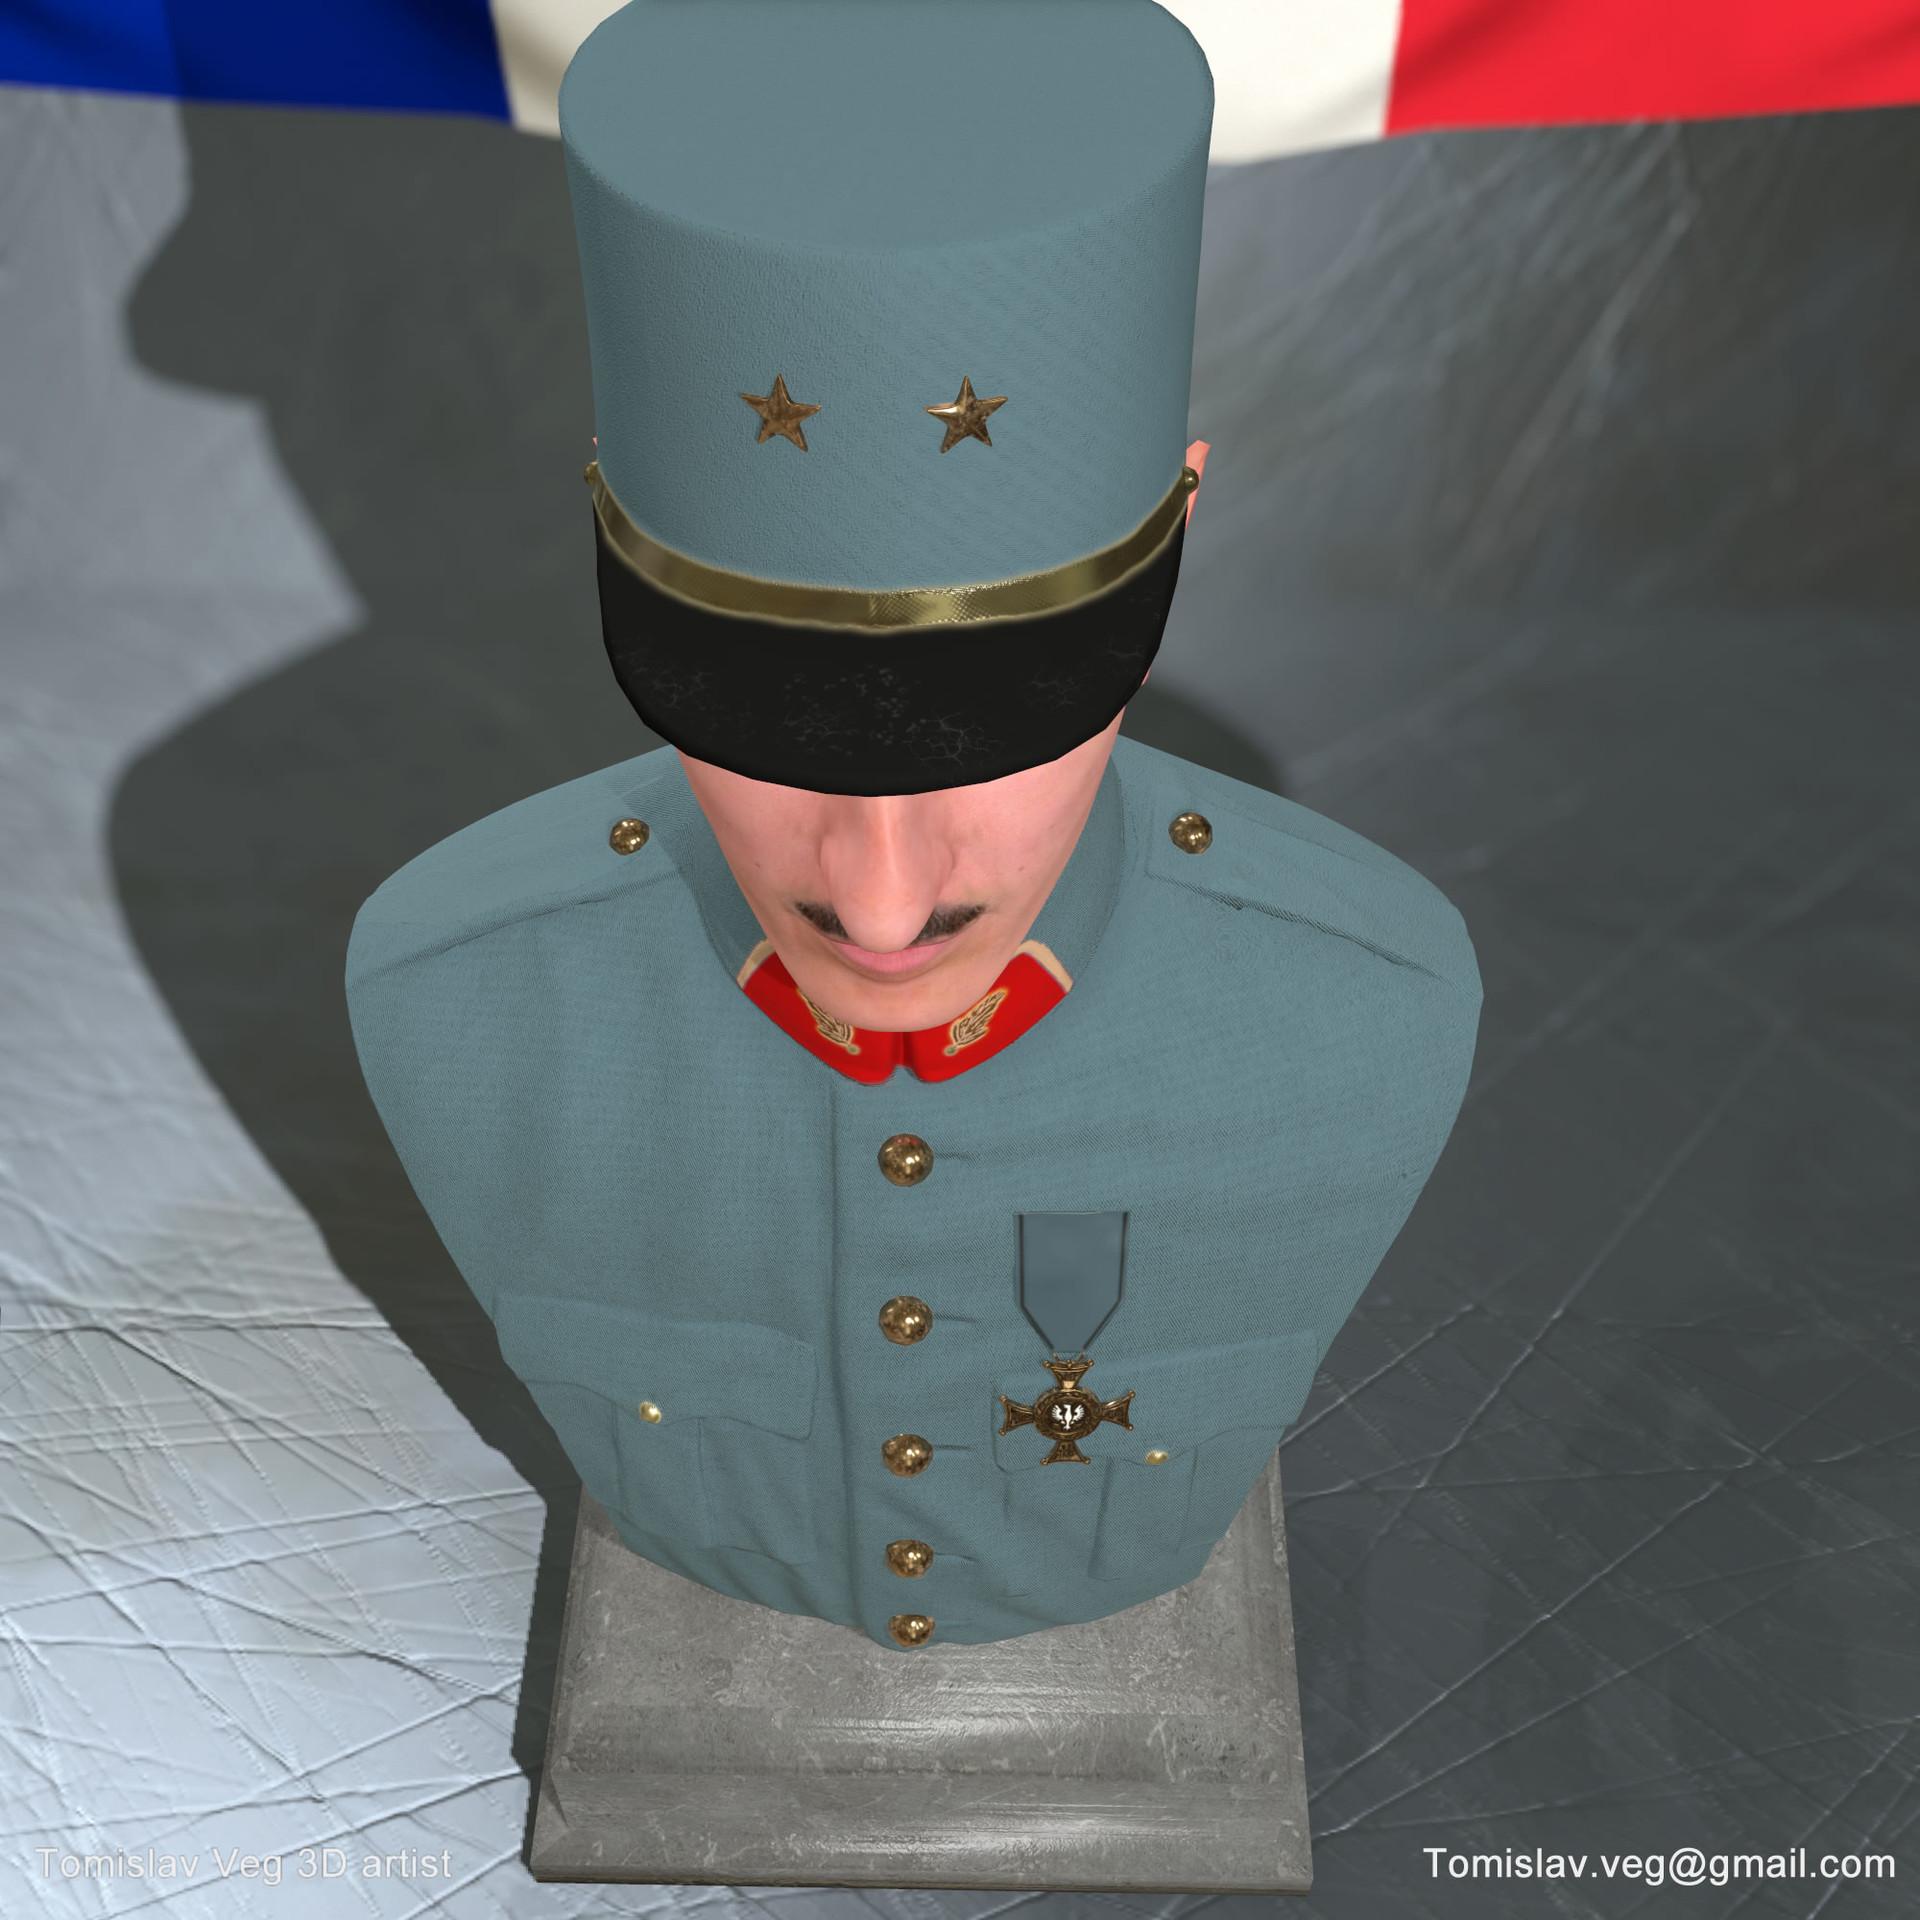 Tomislav veg 6